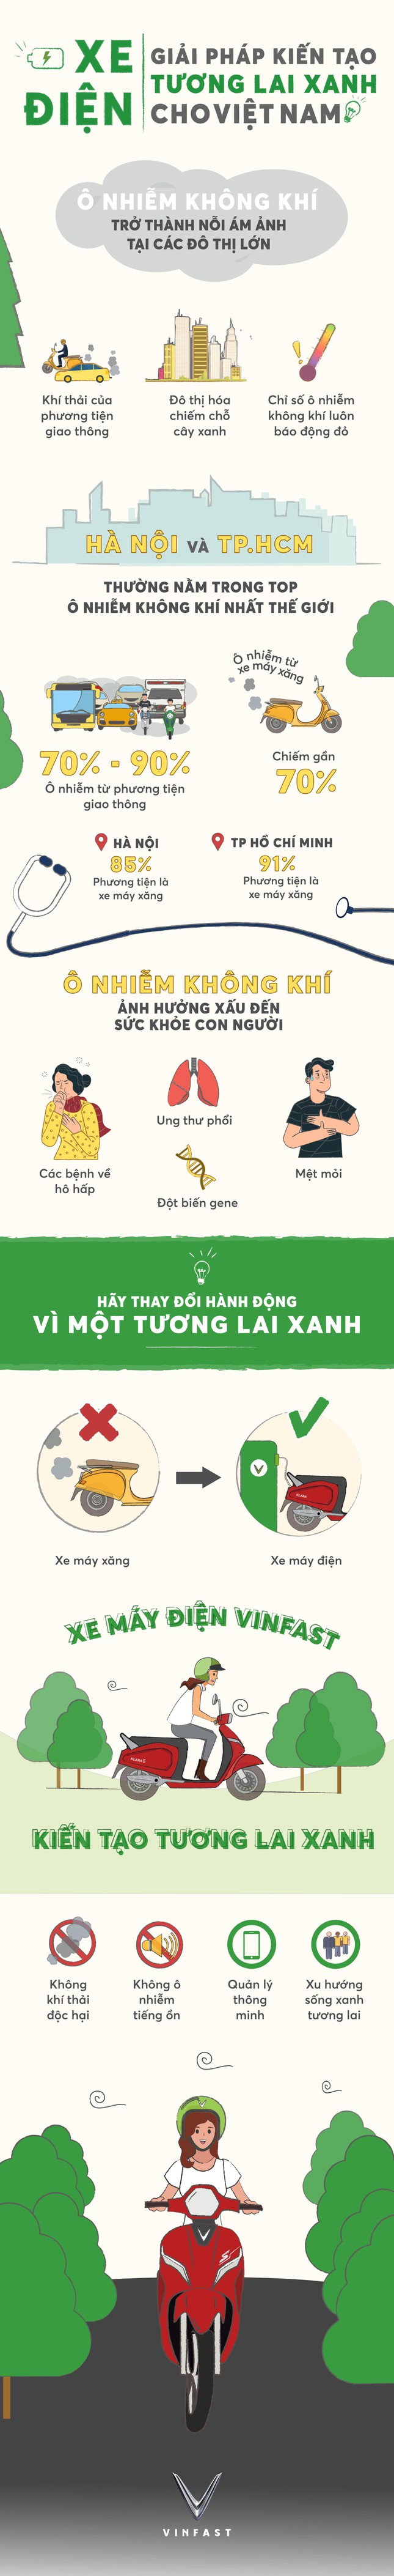 Infographic: Xe điện – Giải pháp kiến tạo tương lai xanh cho Việt Nam ảnh 1